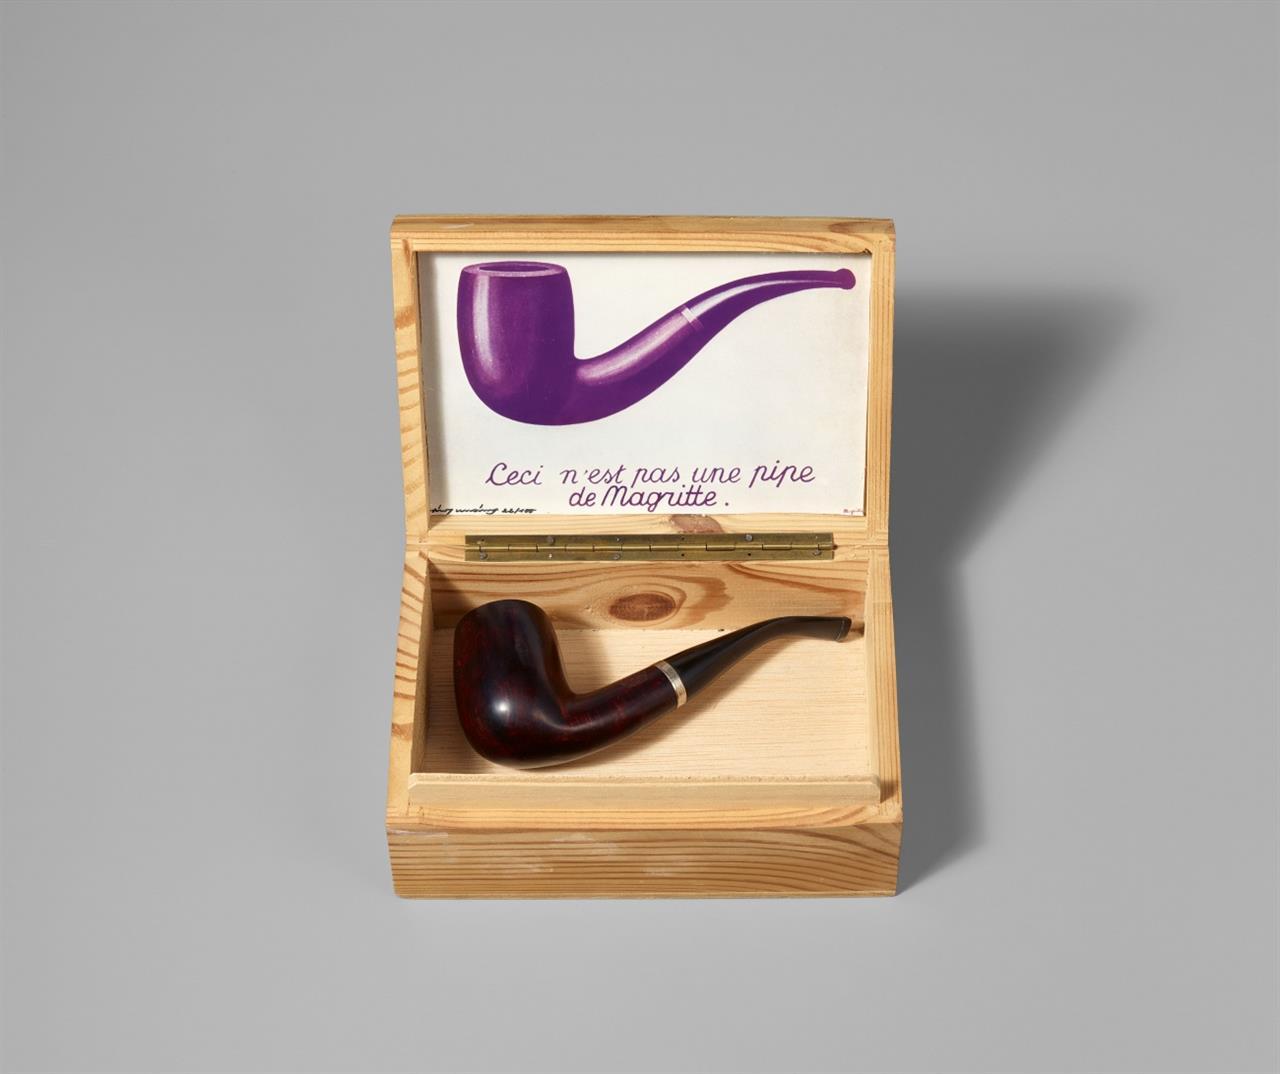 Timm Ulrichs. Ceci n'est pas une pipe de Magritte.1968. Multiple. Signiert. Ex. 22/100.